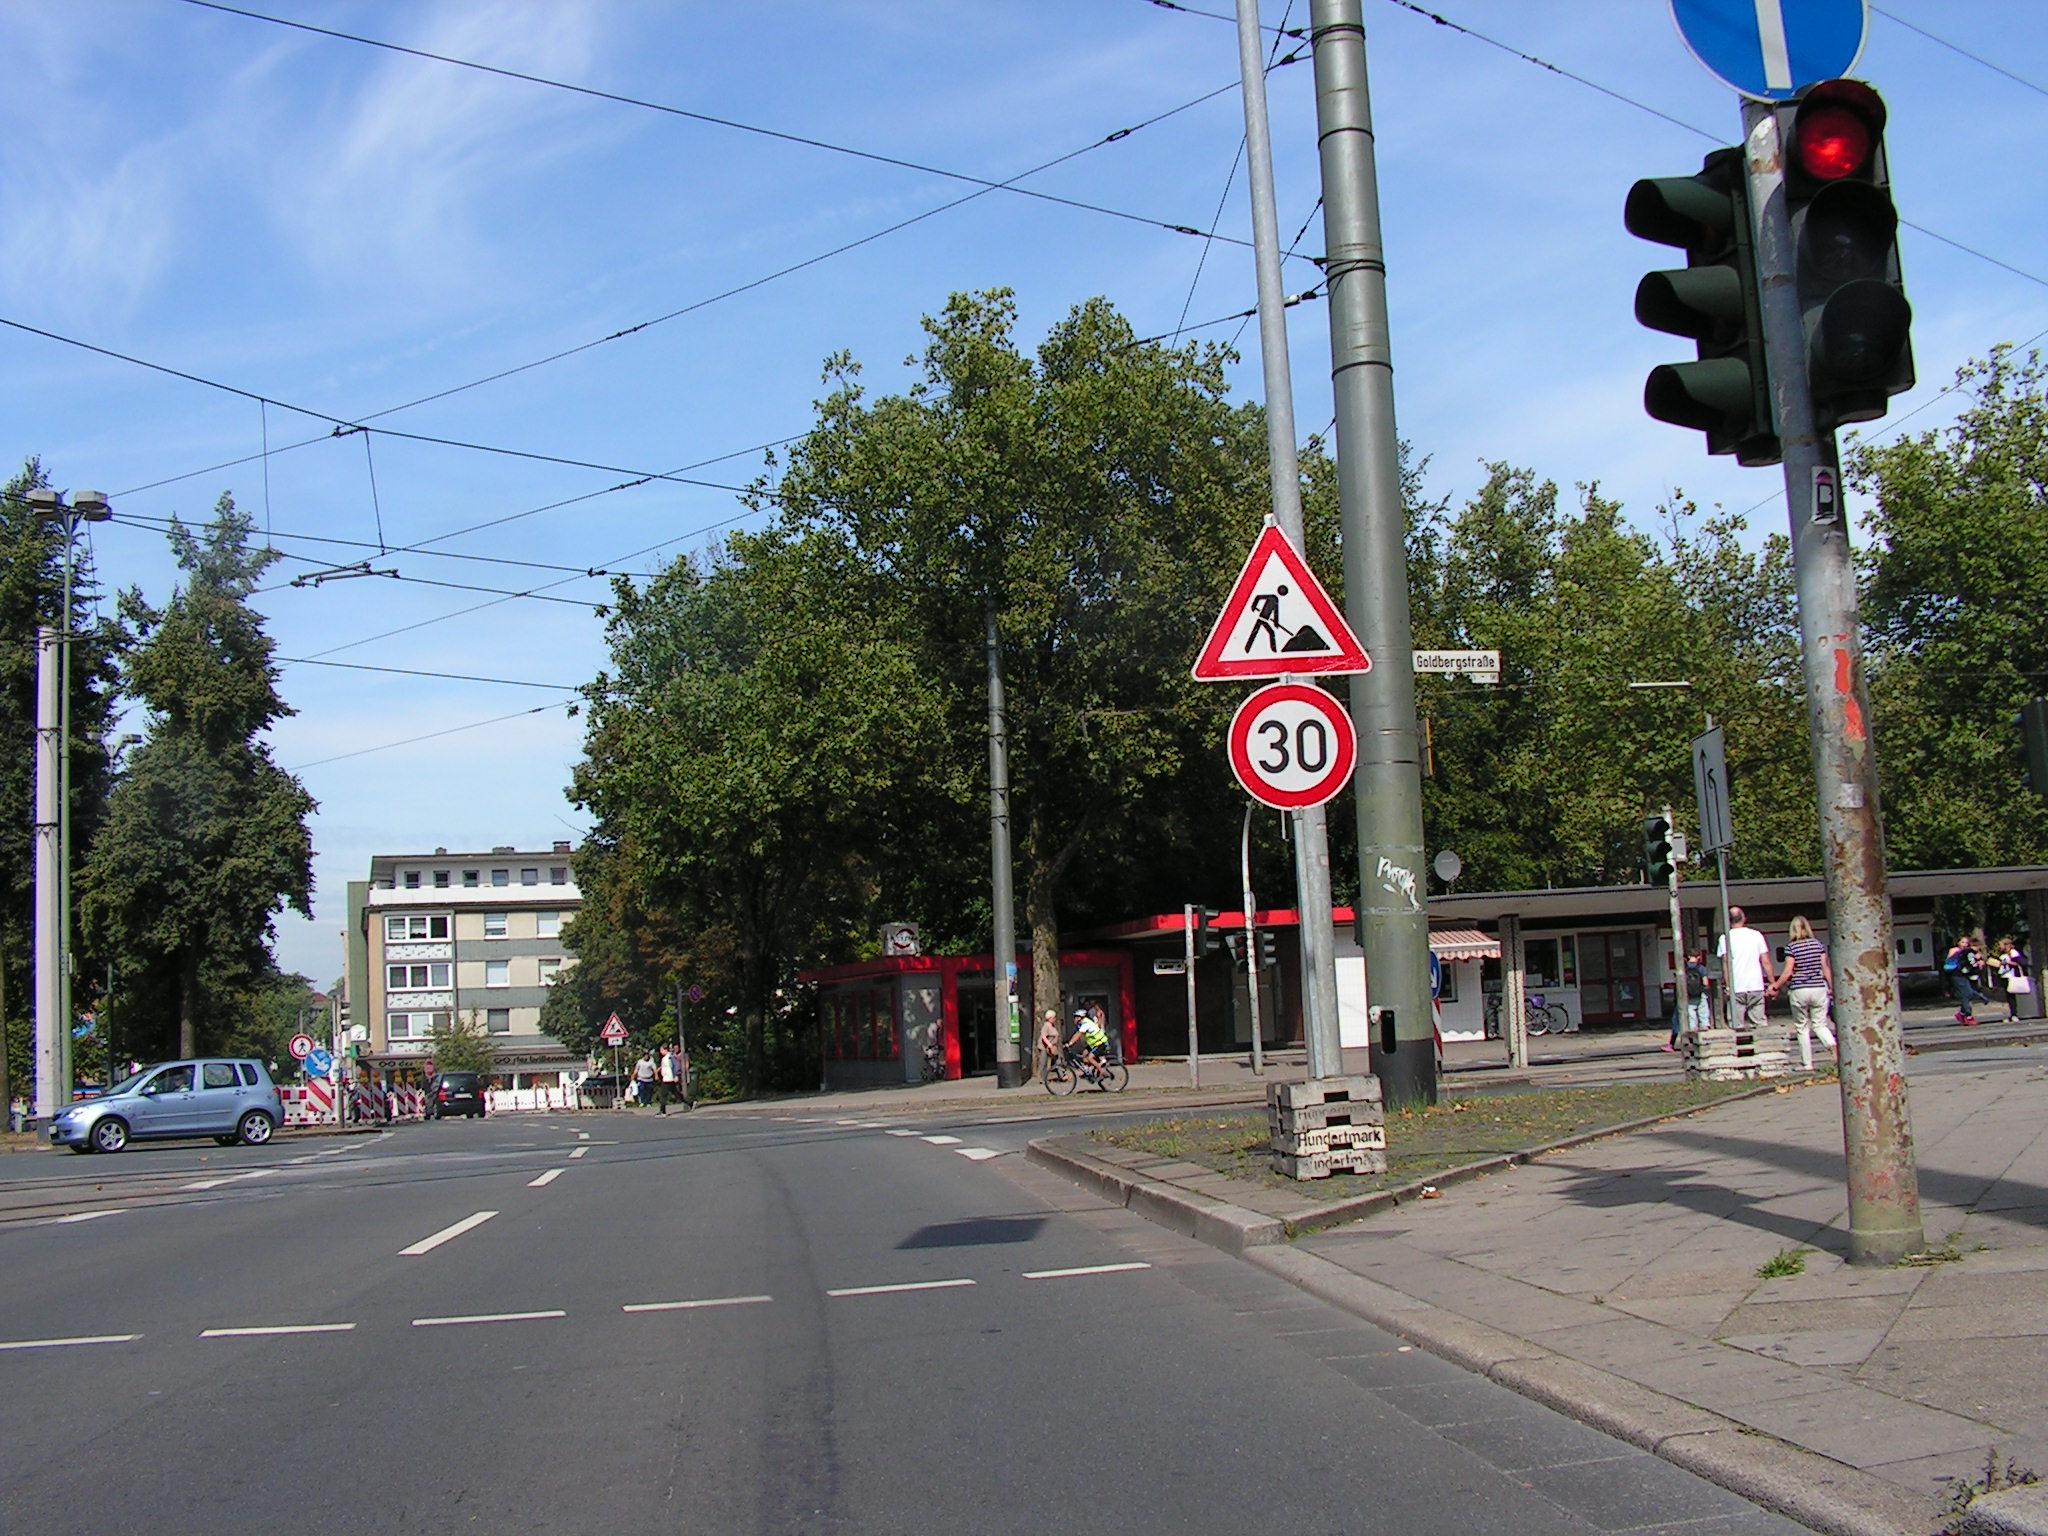 """Kreuzung De-la-Chevallerie-Straße und Goldbergstraße. Auch in der Goldbergstraße sollen schmale Schutzstreifen aufgepinselt werden. Auch hier fordert """"Rad für Buer"""" zwei Meter breite Radfahrstreifen und Tempo 30. (Foto: Peter Maier)"""